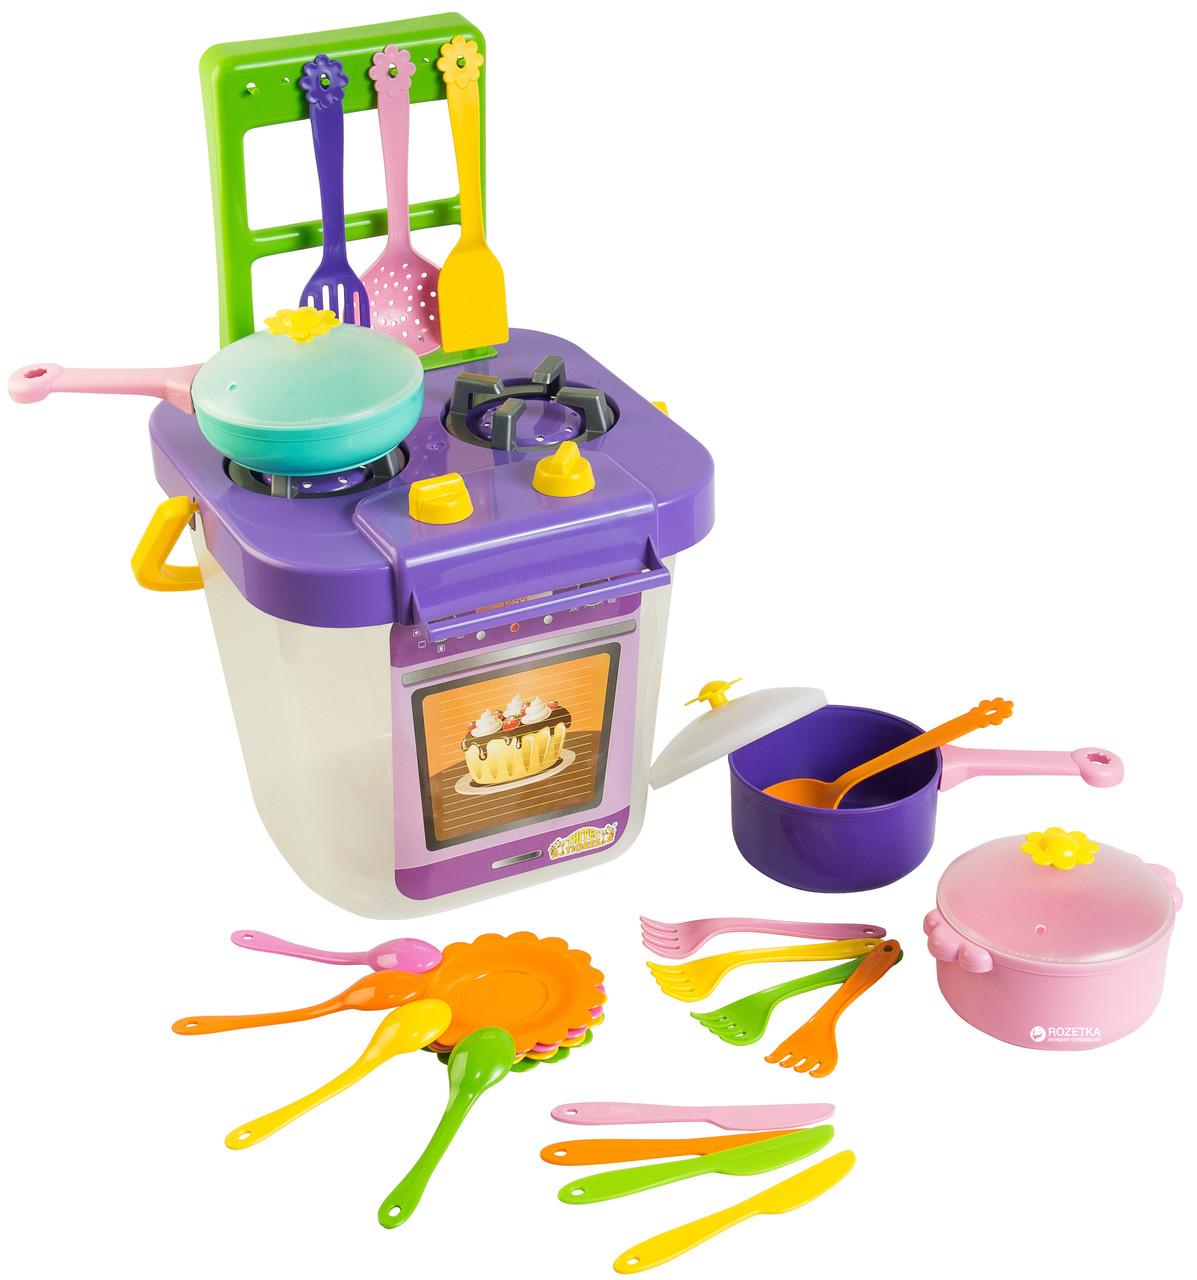 """Детский Набор посуды """"Ромашка"""" с газовой плитой, 25 предметов, 39153"""